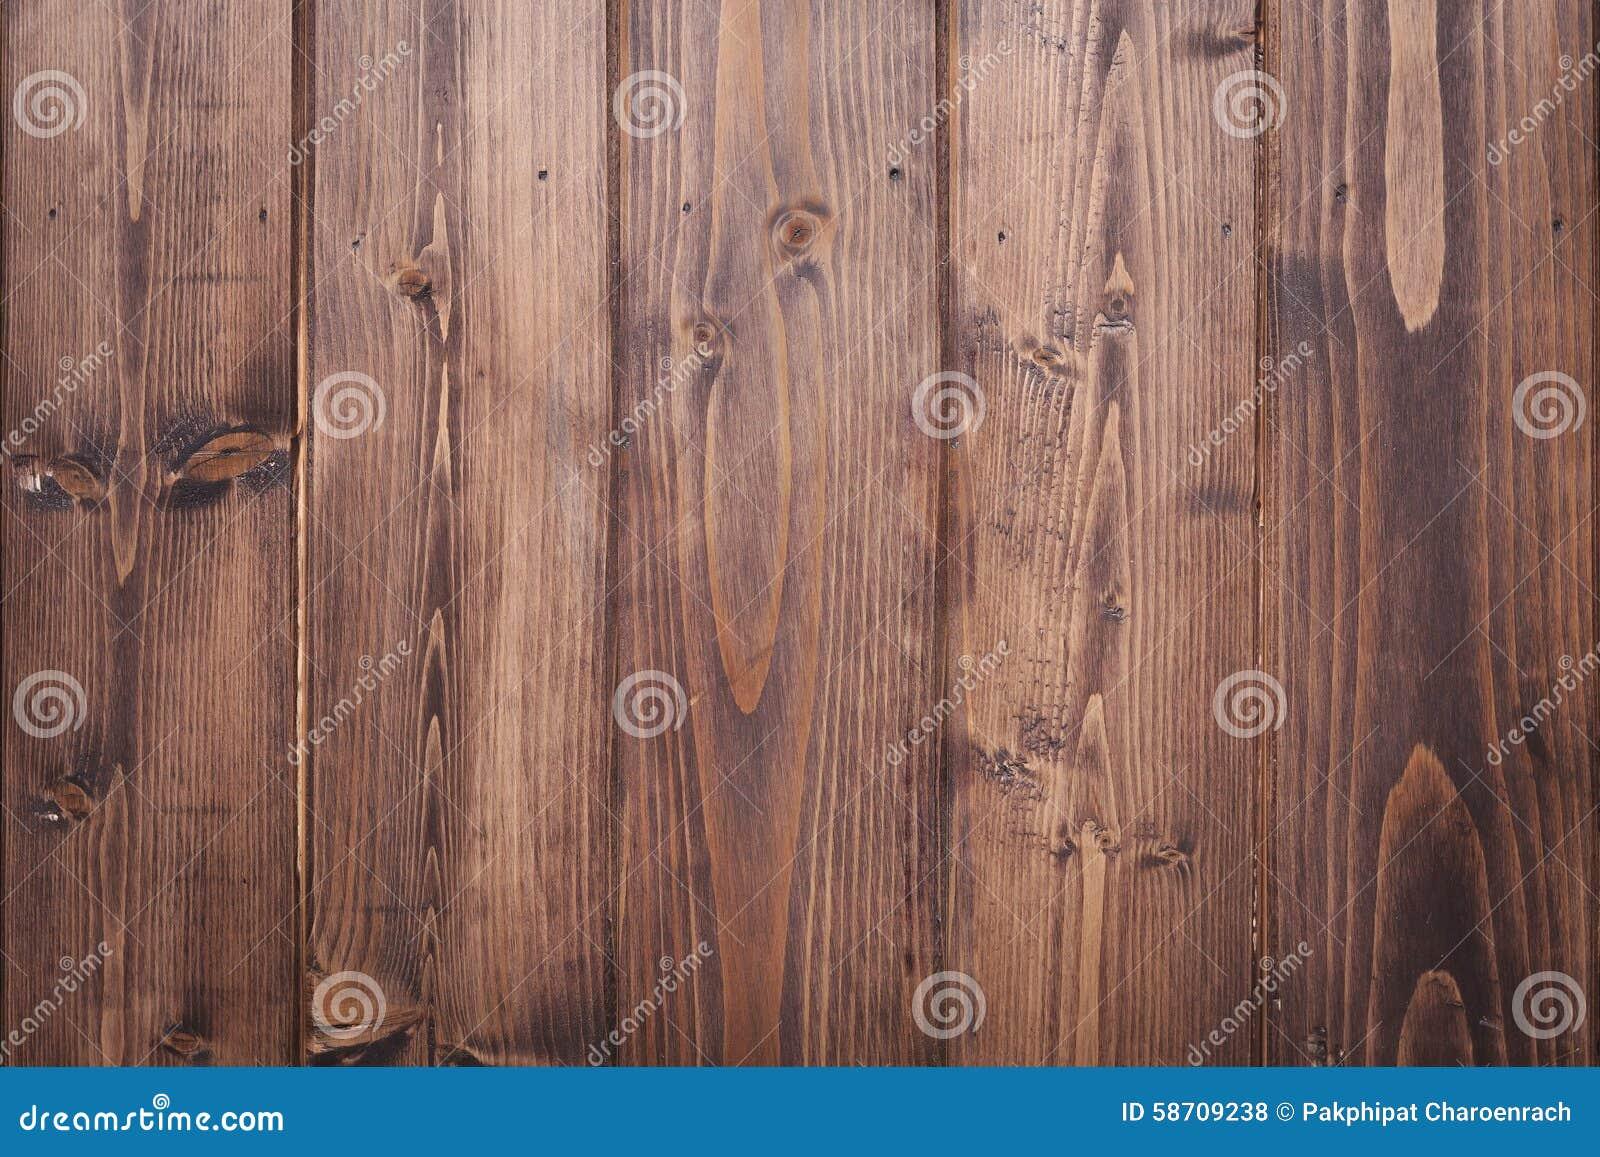 Fundo de madeira da textura do marrom da prancha